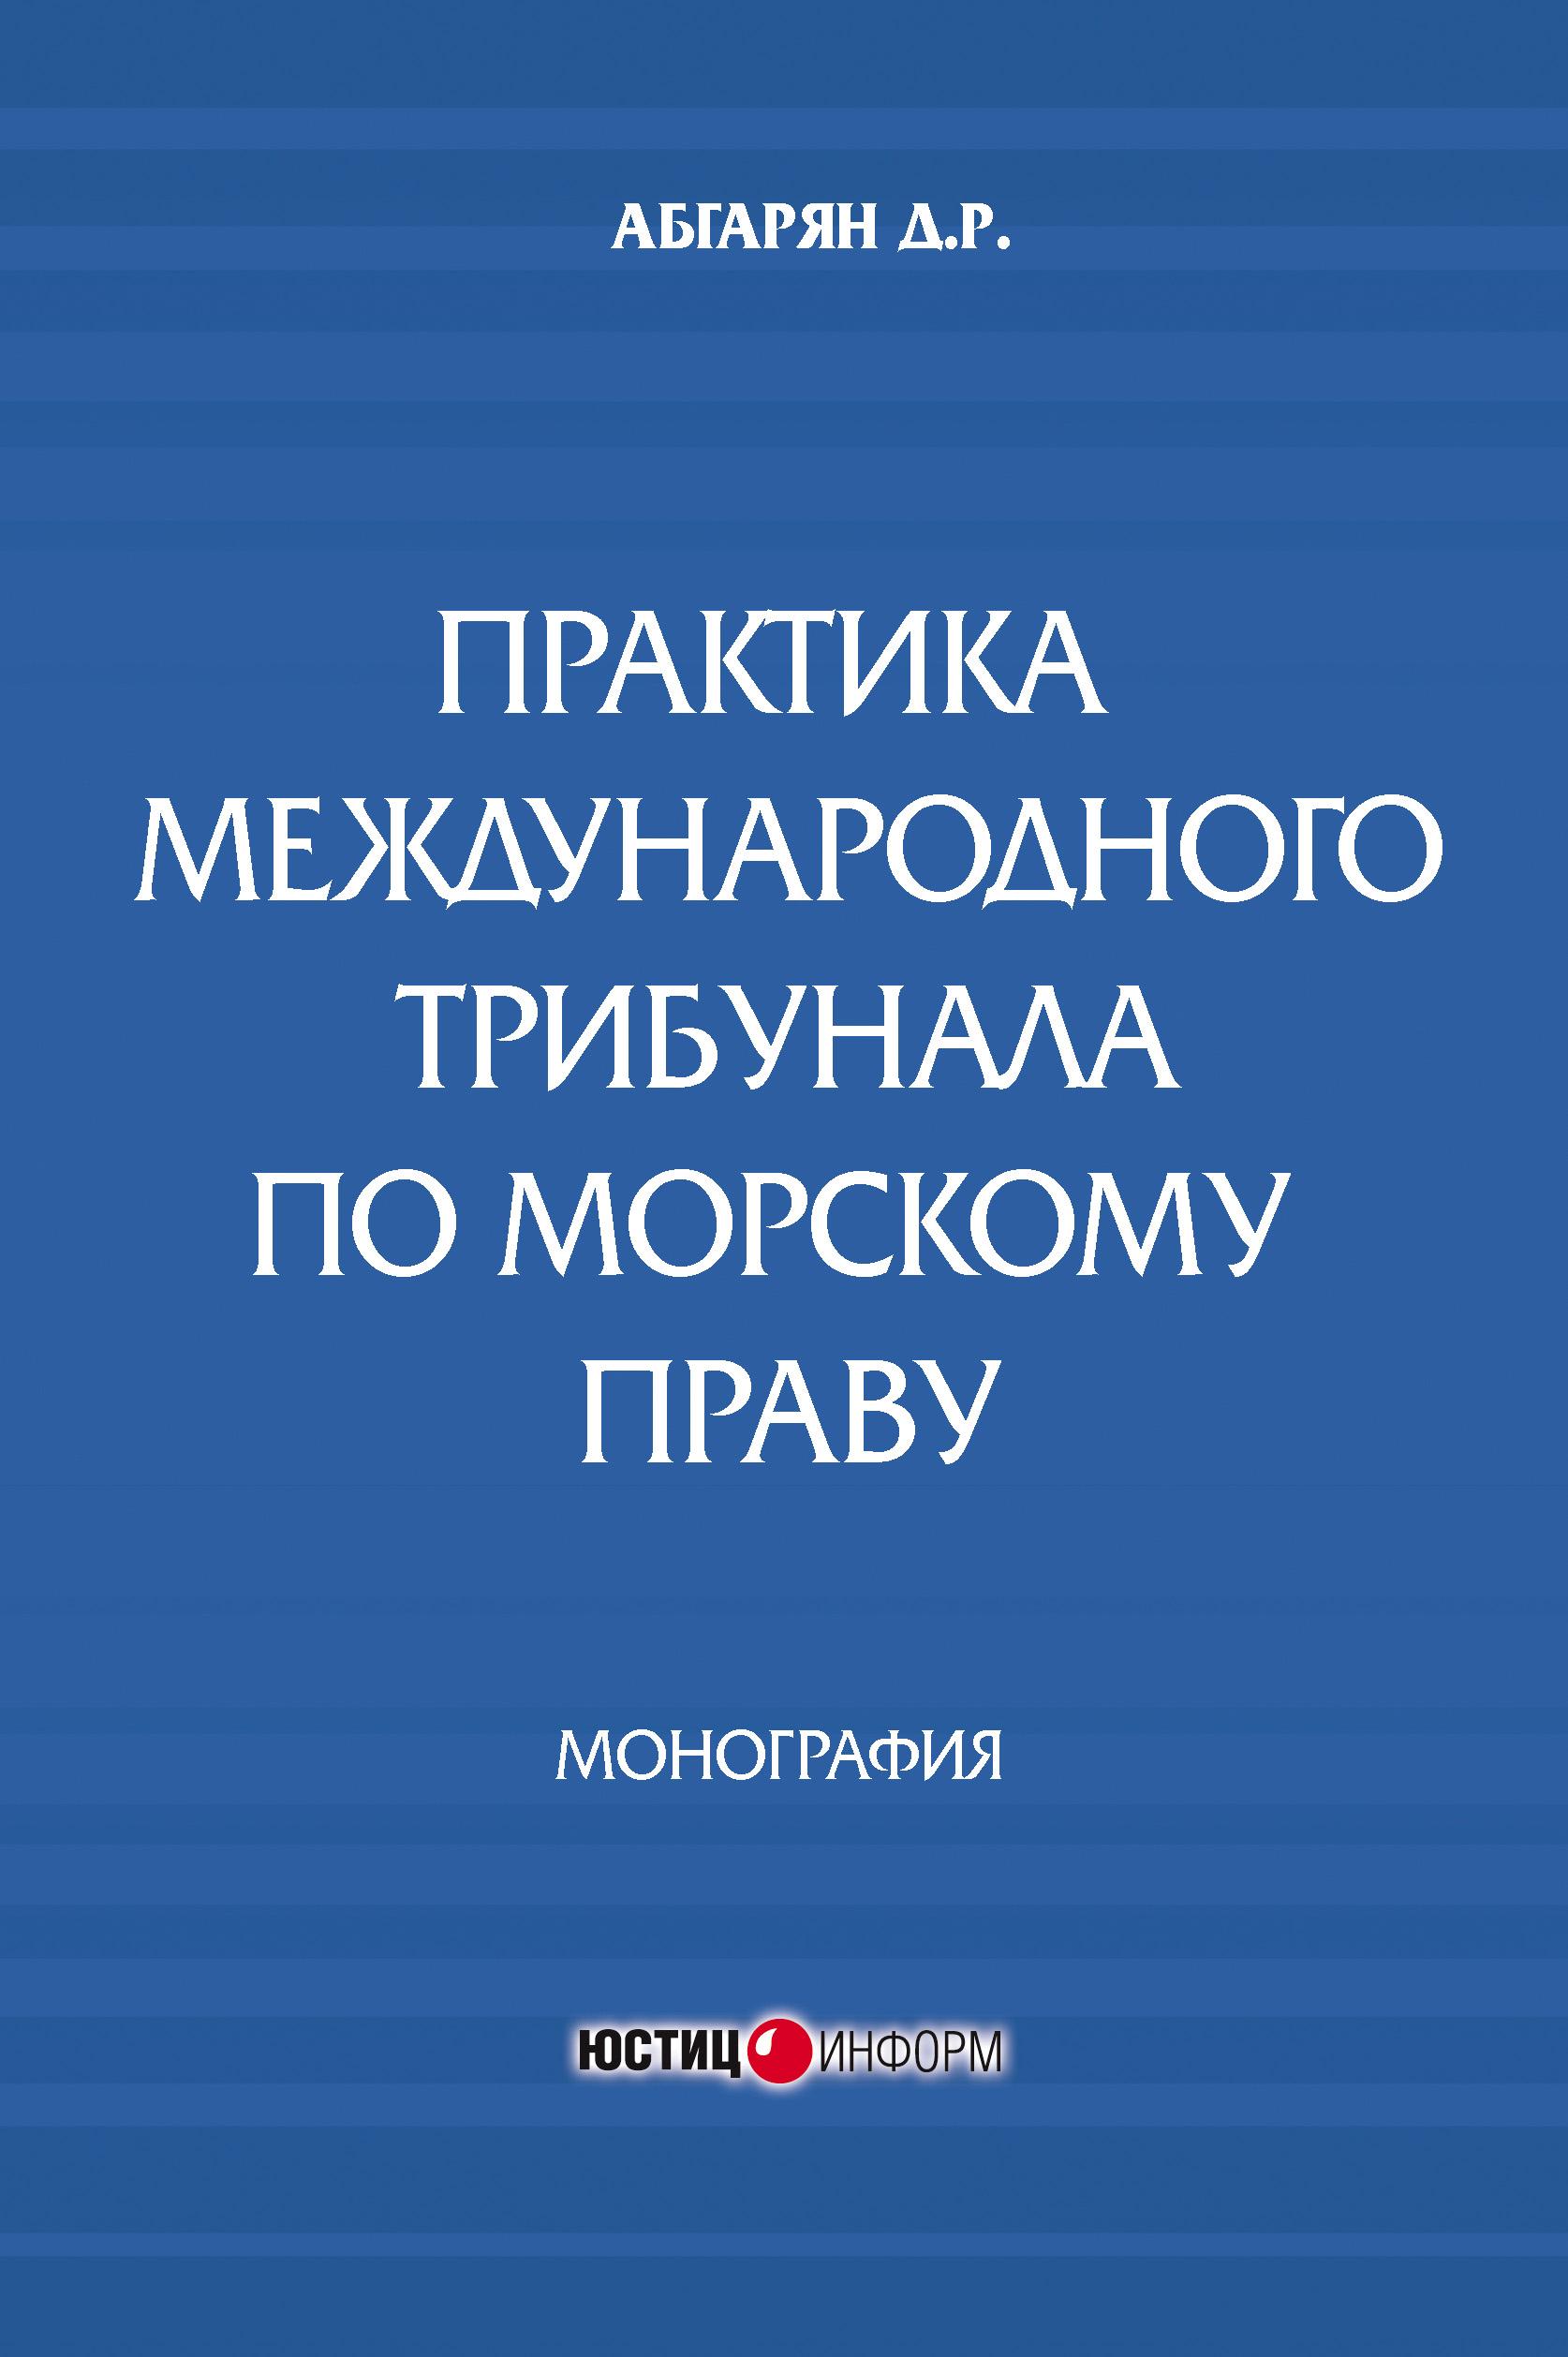 все цены на Д. Р. Абгарян Практика международного трибунала по морскому праву